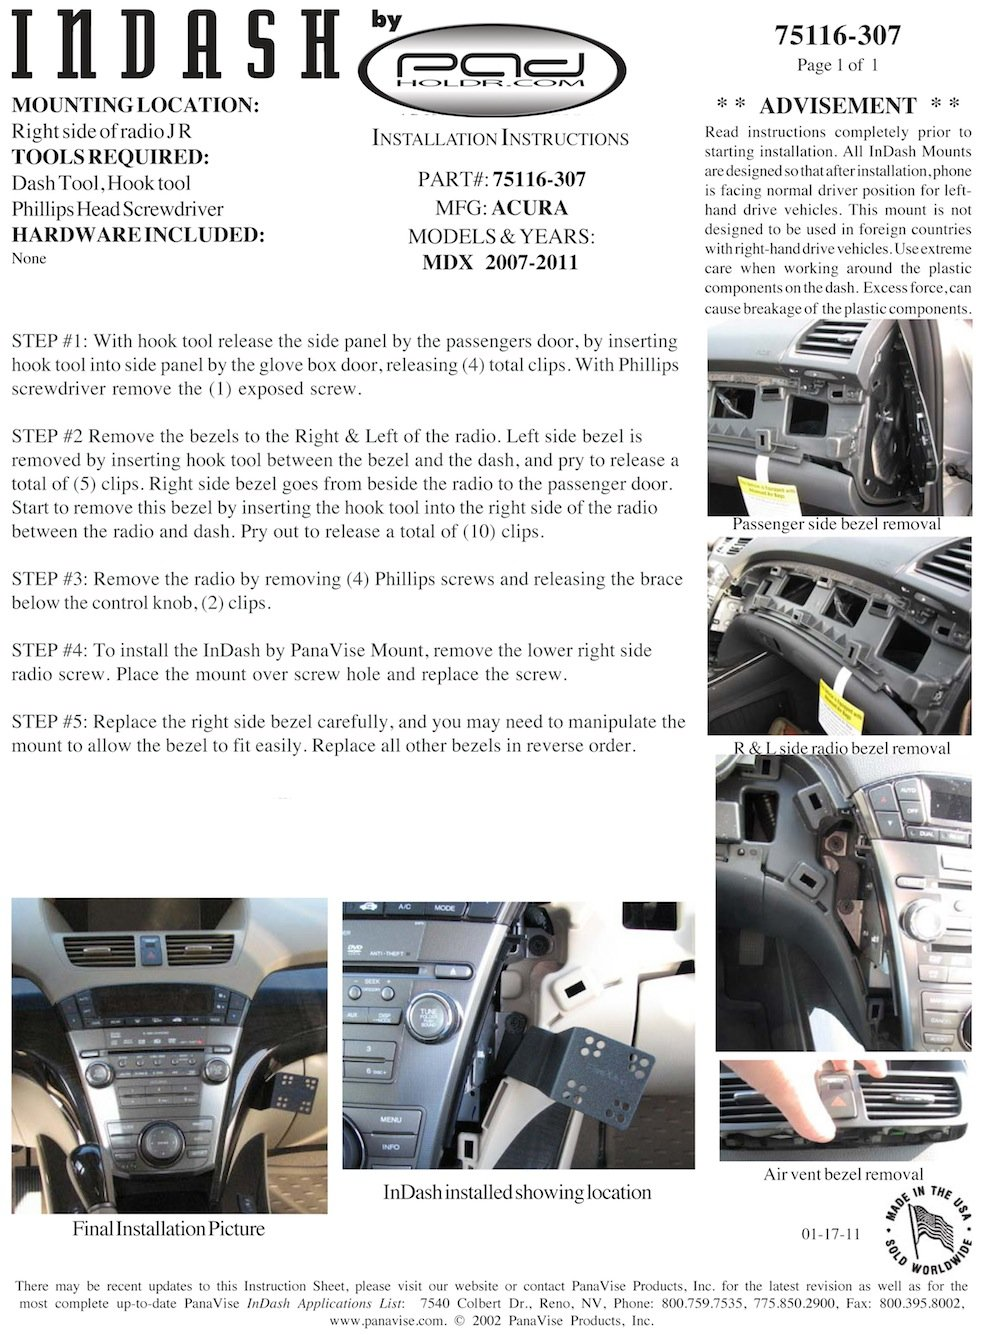 Padholdr Social Series Premium Tablet Dash Kit 2007-2010 Mazda CX-7 for Smaller Tablets